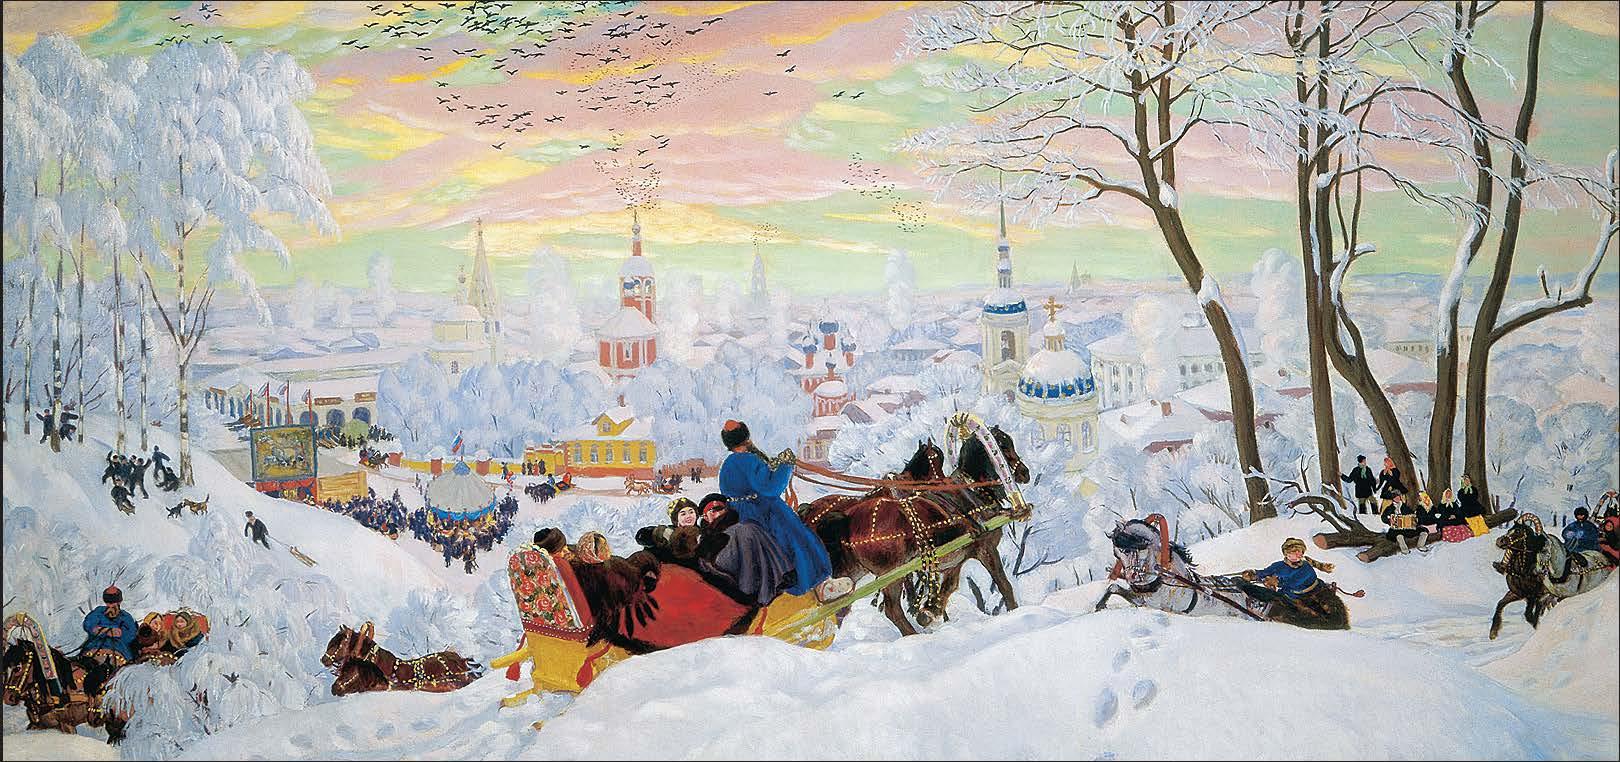 Картинки русская зима и тройка лошадей